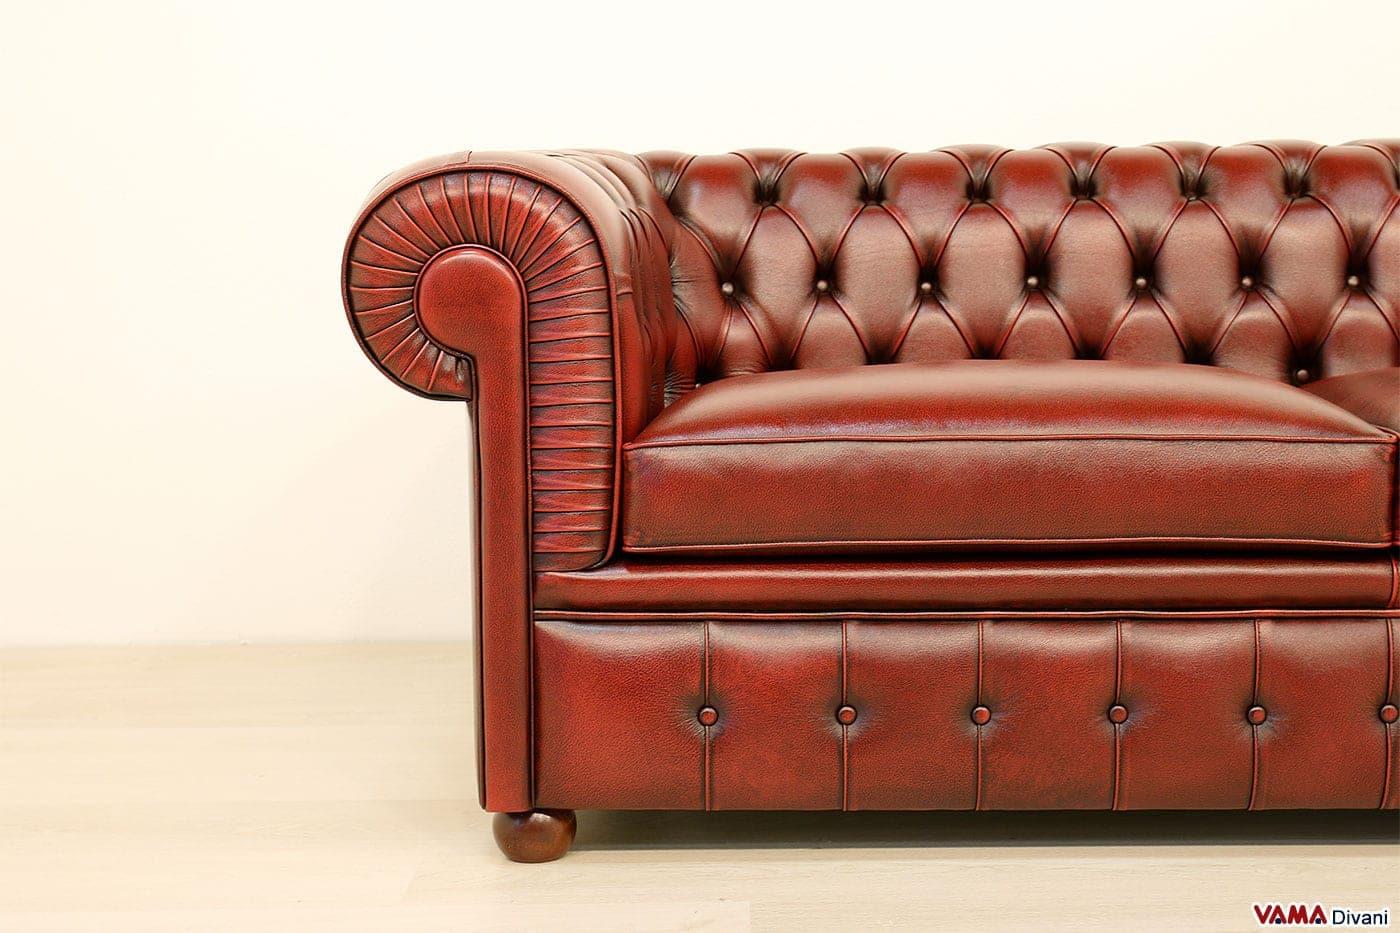 Divano chesterfield 2 posti maxi due cuscini large - Divano rosso pelle ...